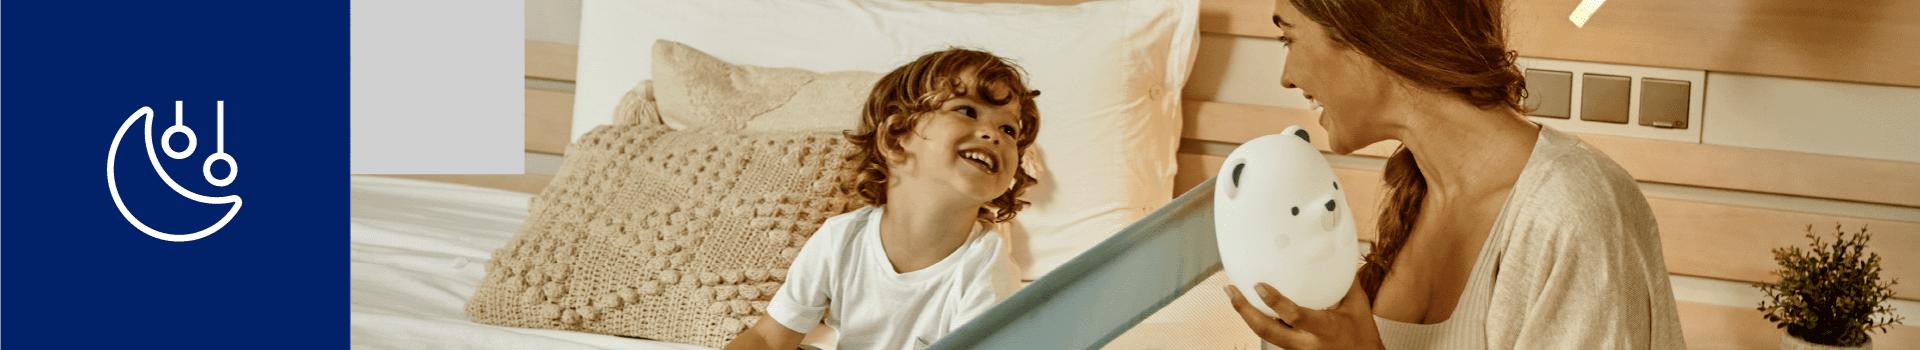 Prodotti per bambini da usare in casa | Janéworld